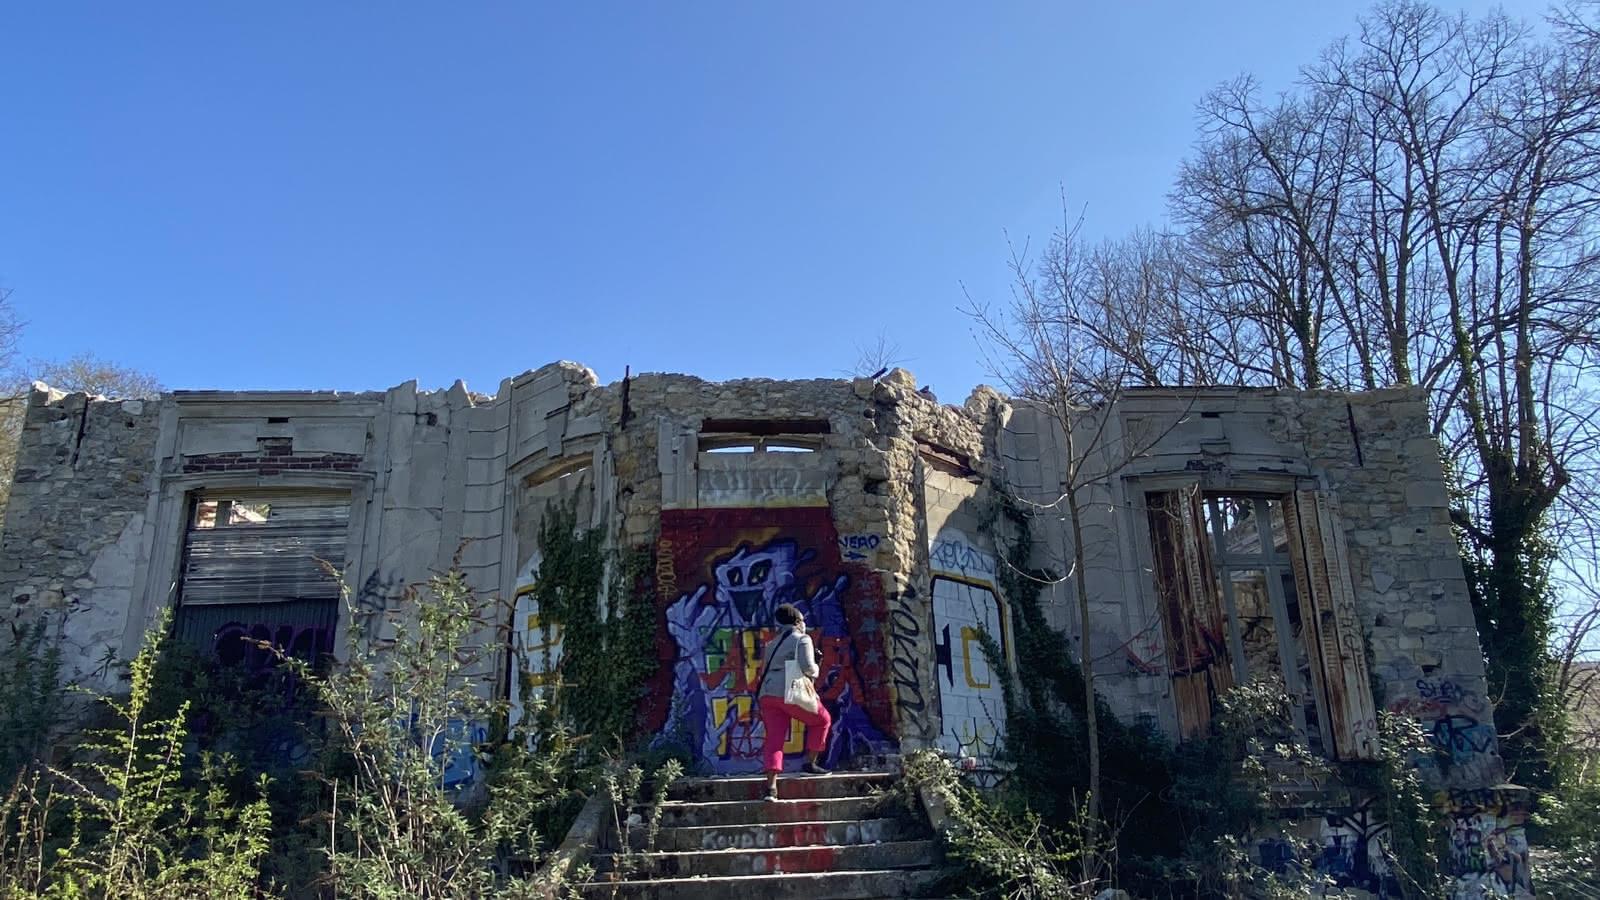 Femme de dos, montant les marches d'une ruine dont la façade est recouverte de graffitis à Goussainville